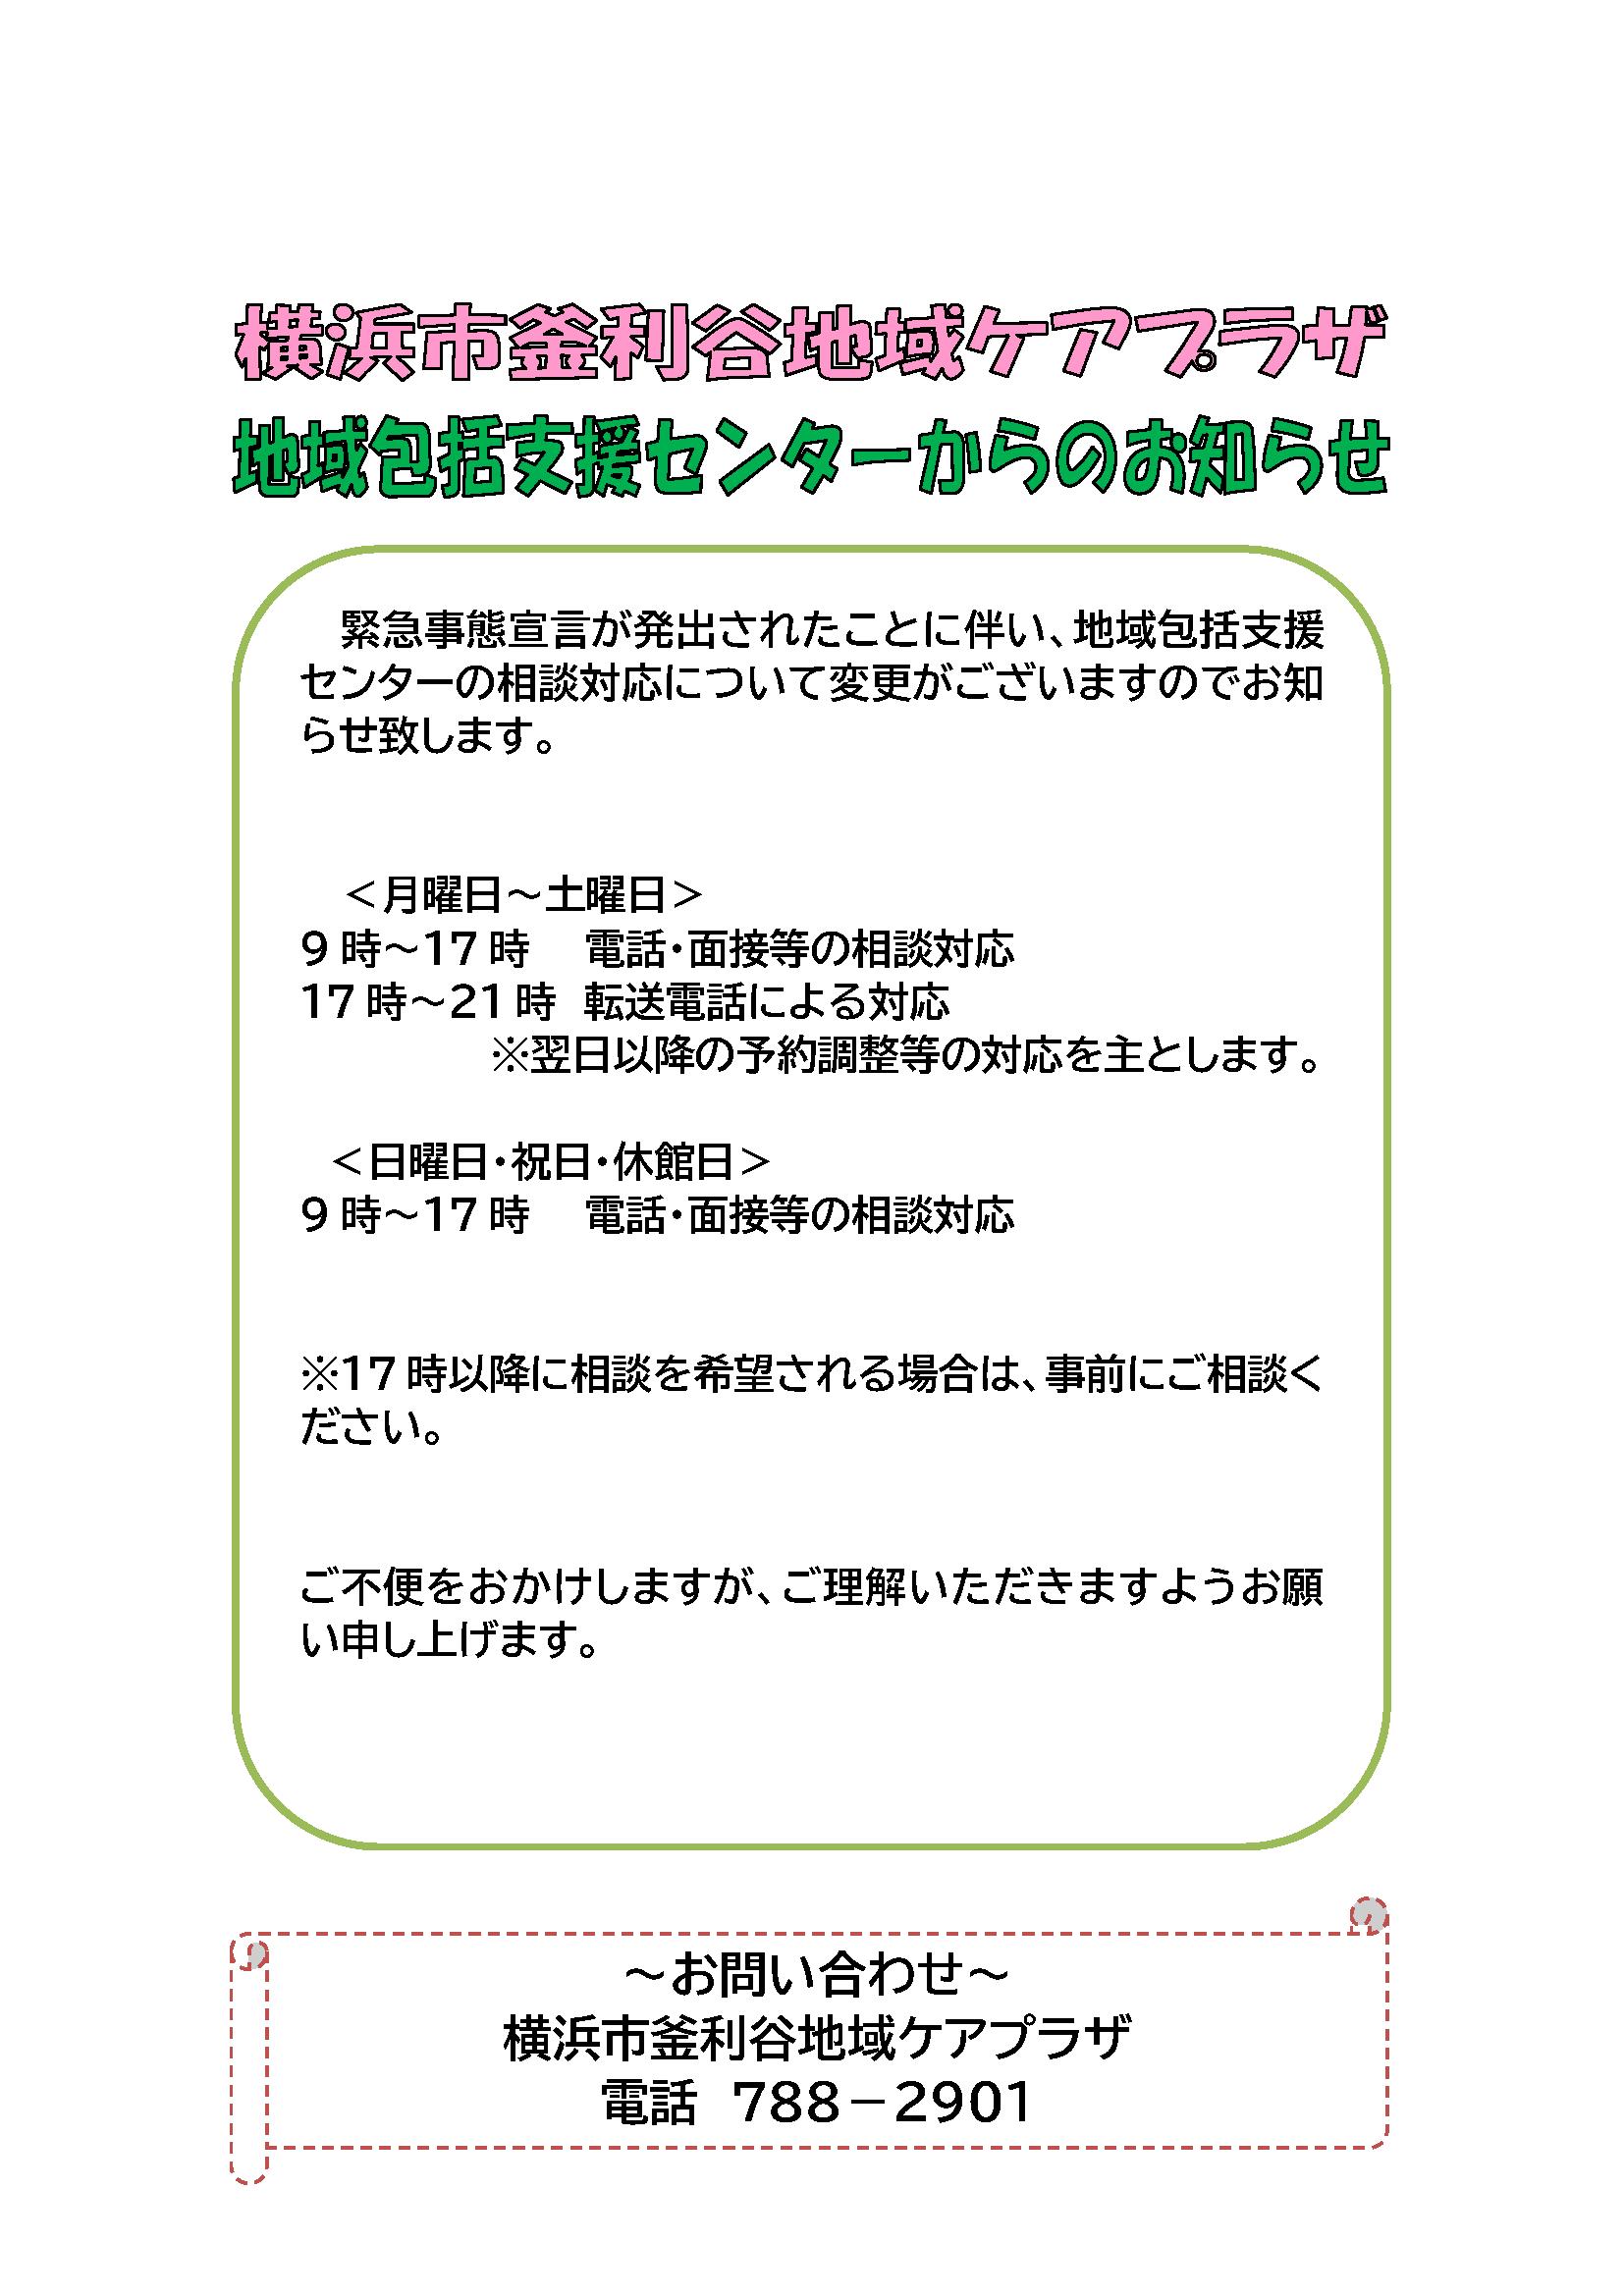 https://www.suminasu.or.jp/global-data/20210115092849330.pdf